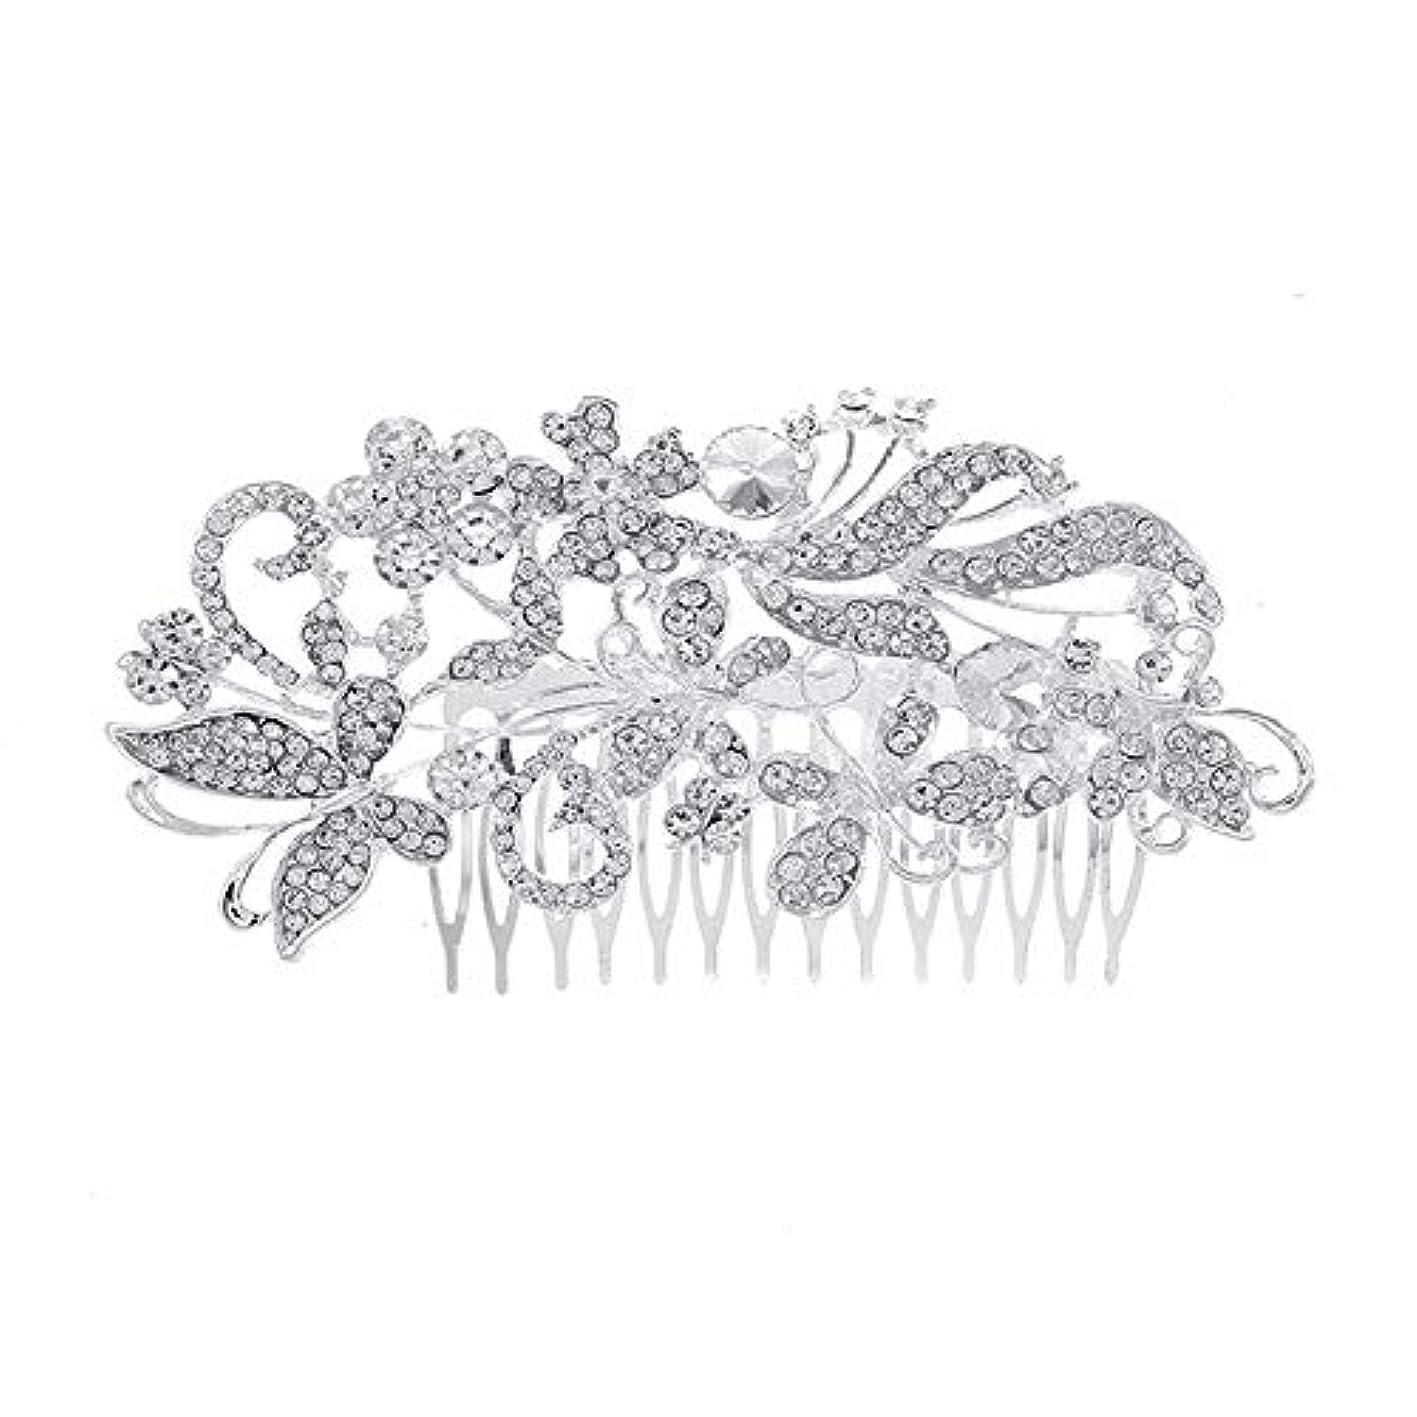 ロッジカバレッジロードされた髪の櫛、櫛、花嫁の髪の櫛、亜鉛合金、結婚式のアクセサリー、櫛